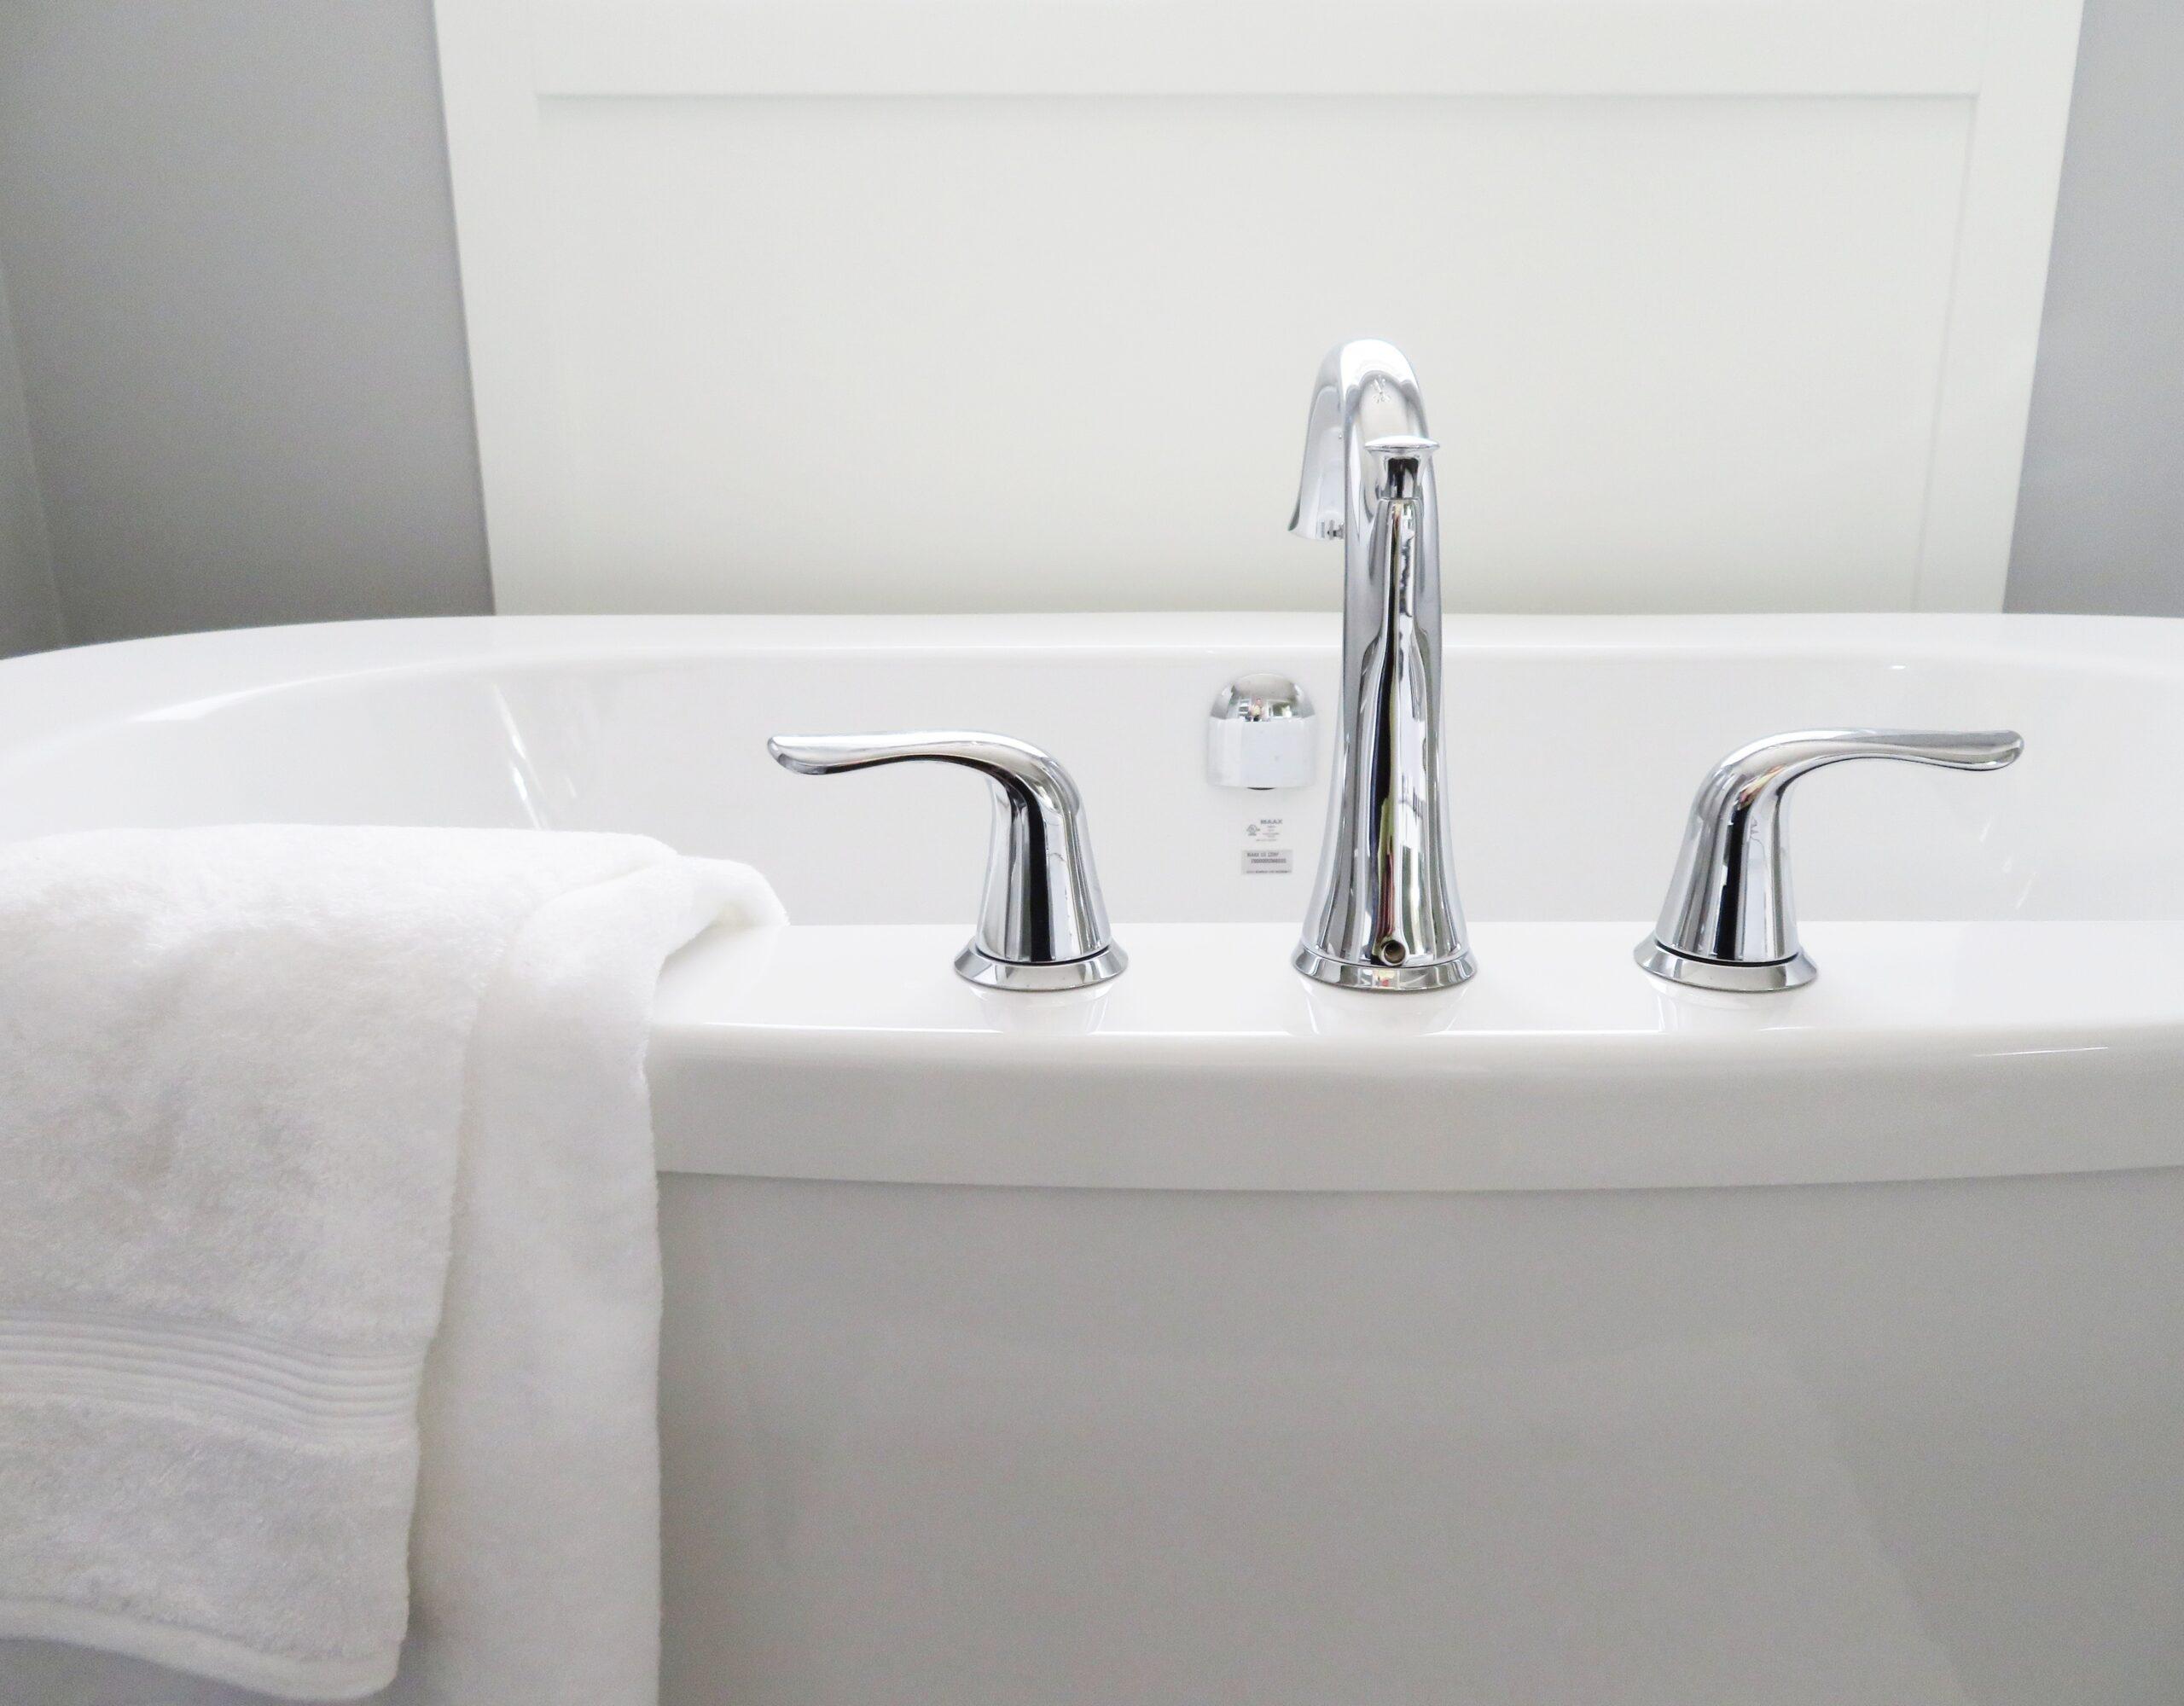 Hvad er prisen på et nyt badeværelse? Besøg nytbaderum.dk